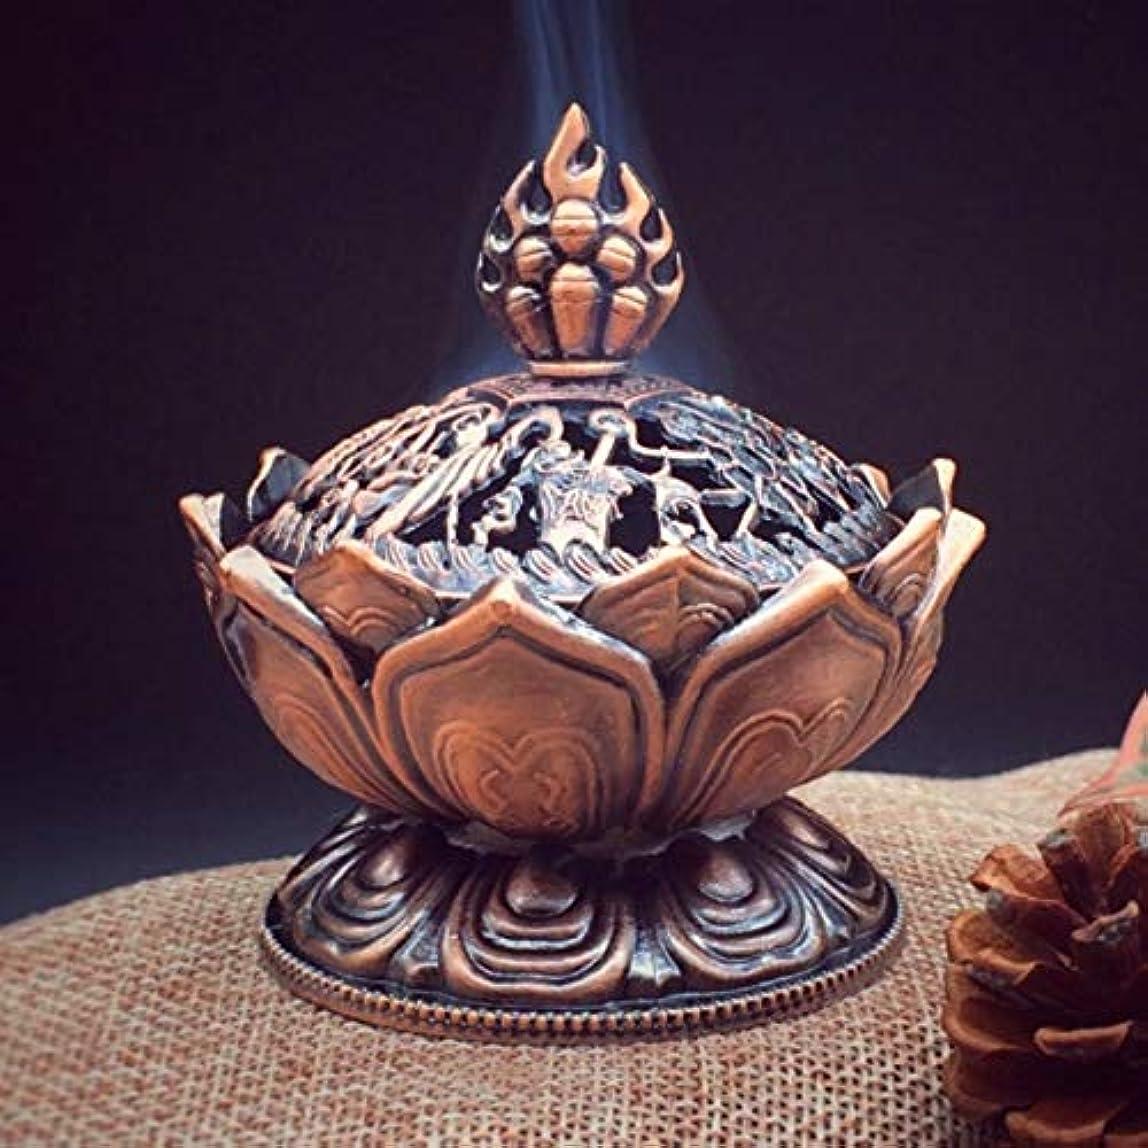 勝者軽食行Holy Tibetan Lotus Designed Incense Burner Zinc Alloy Bronze Mini Incense Burner Incensory Metal Craft Home Decor